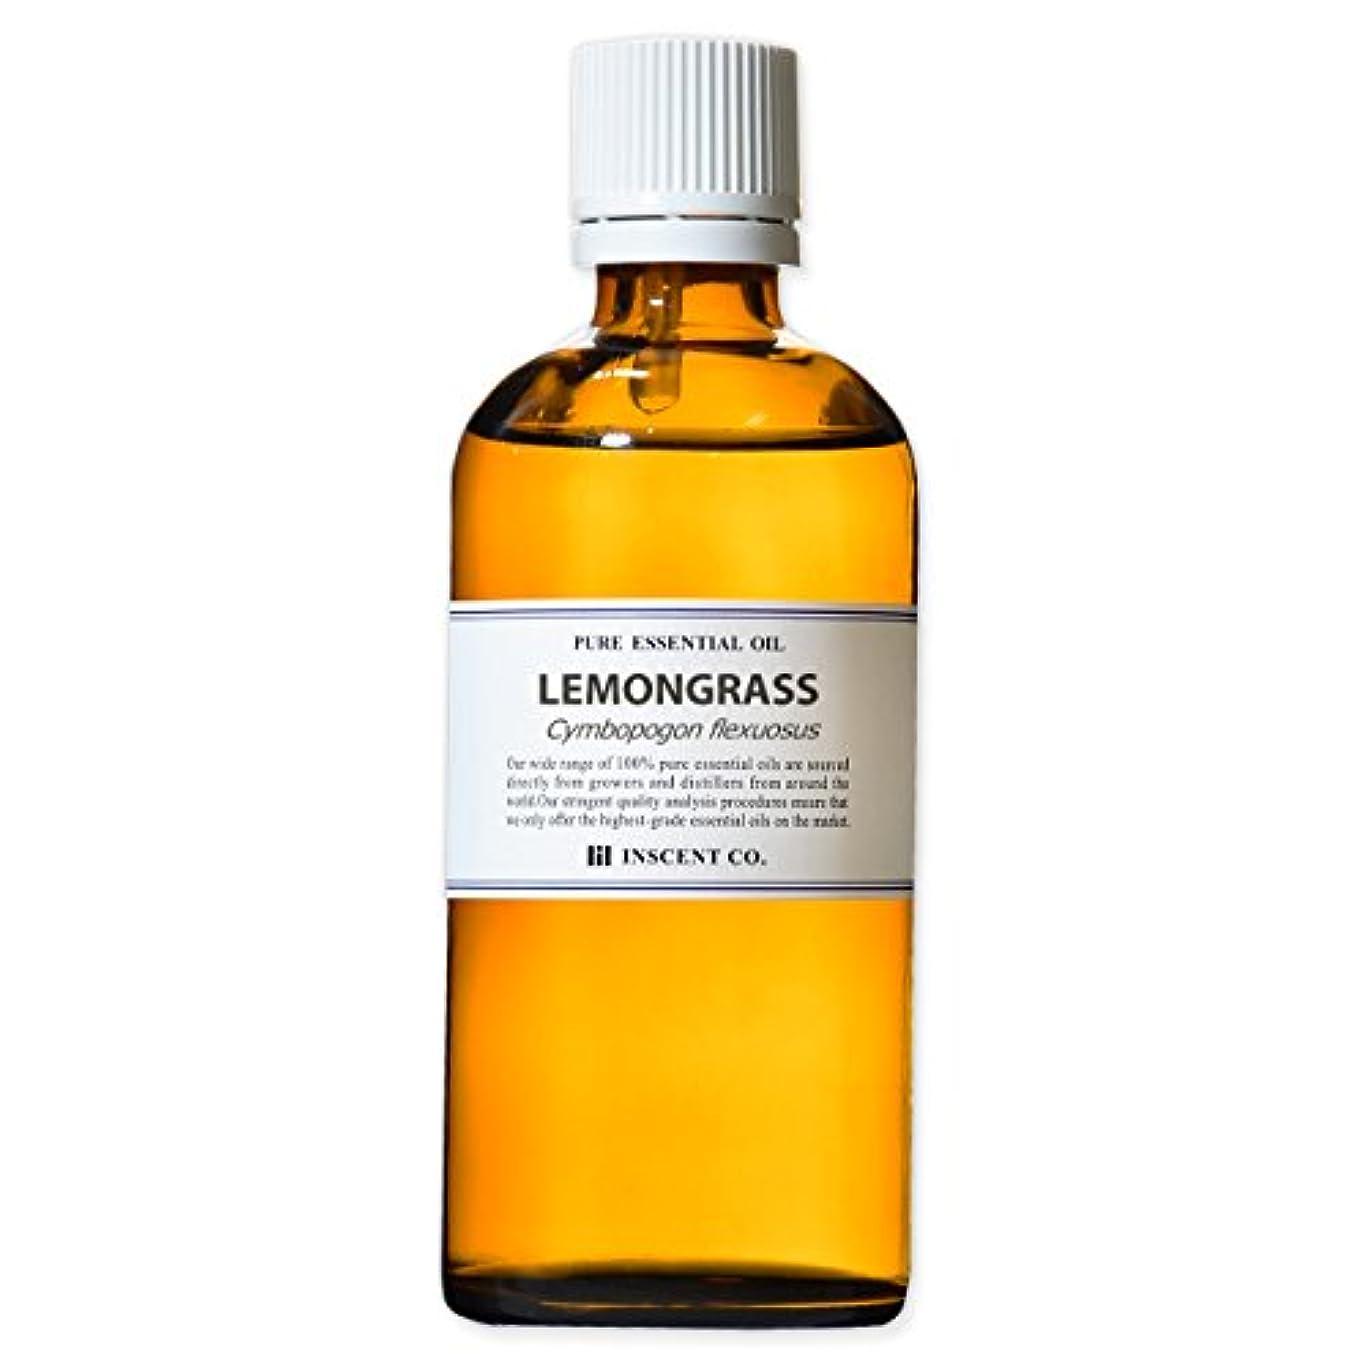 排除する持っているおもちゃレモングラス 100ml インセント エッセンシャルオイル 精油 アロマオイル